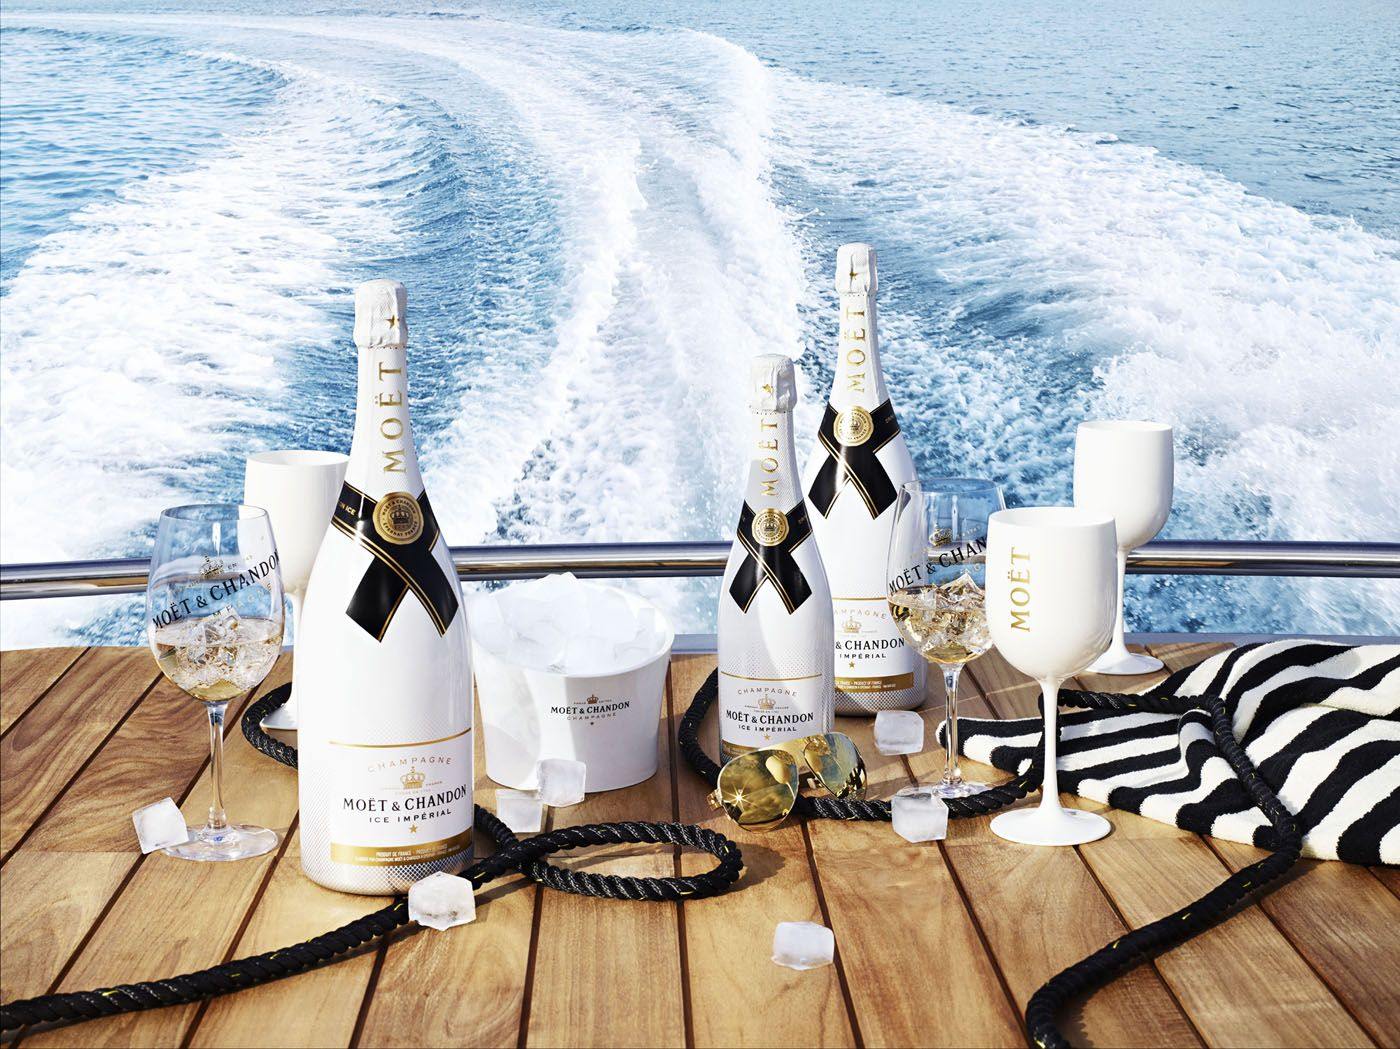 украине поздравление море шампанского диких